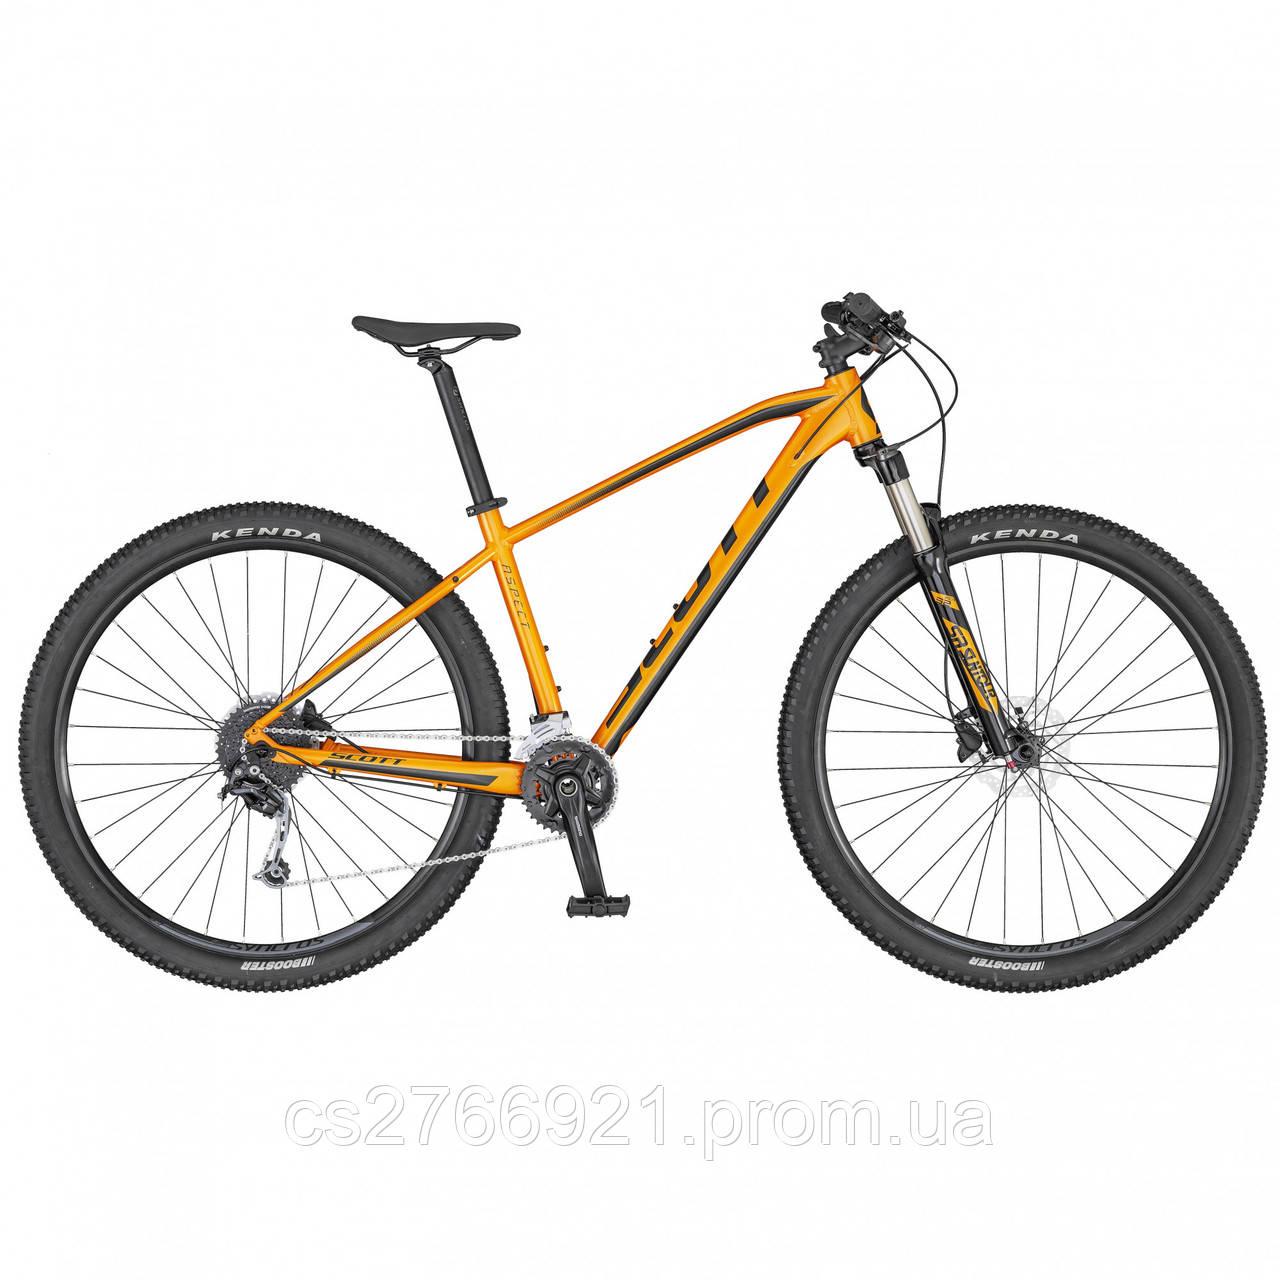 Велосипед ASPECT 940 оранжево/серый (CN) 20 SCOTT